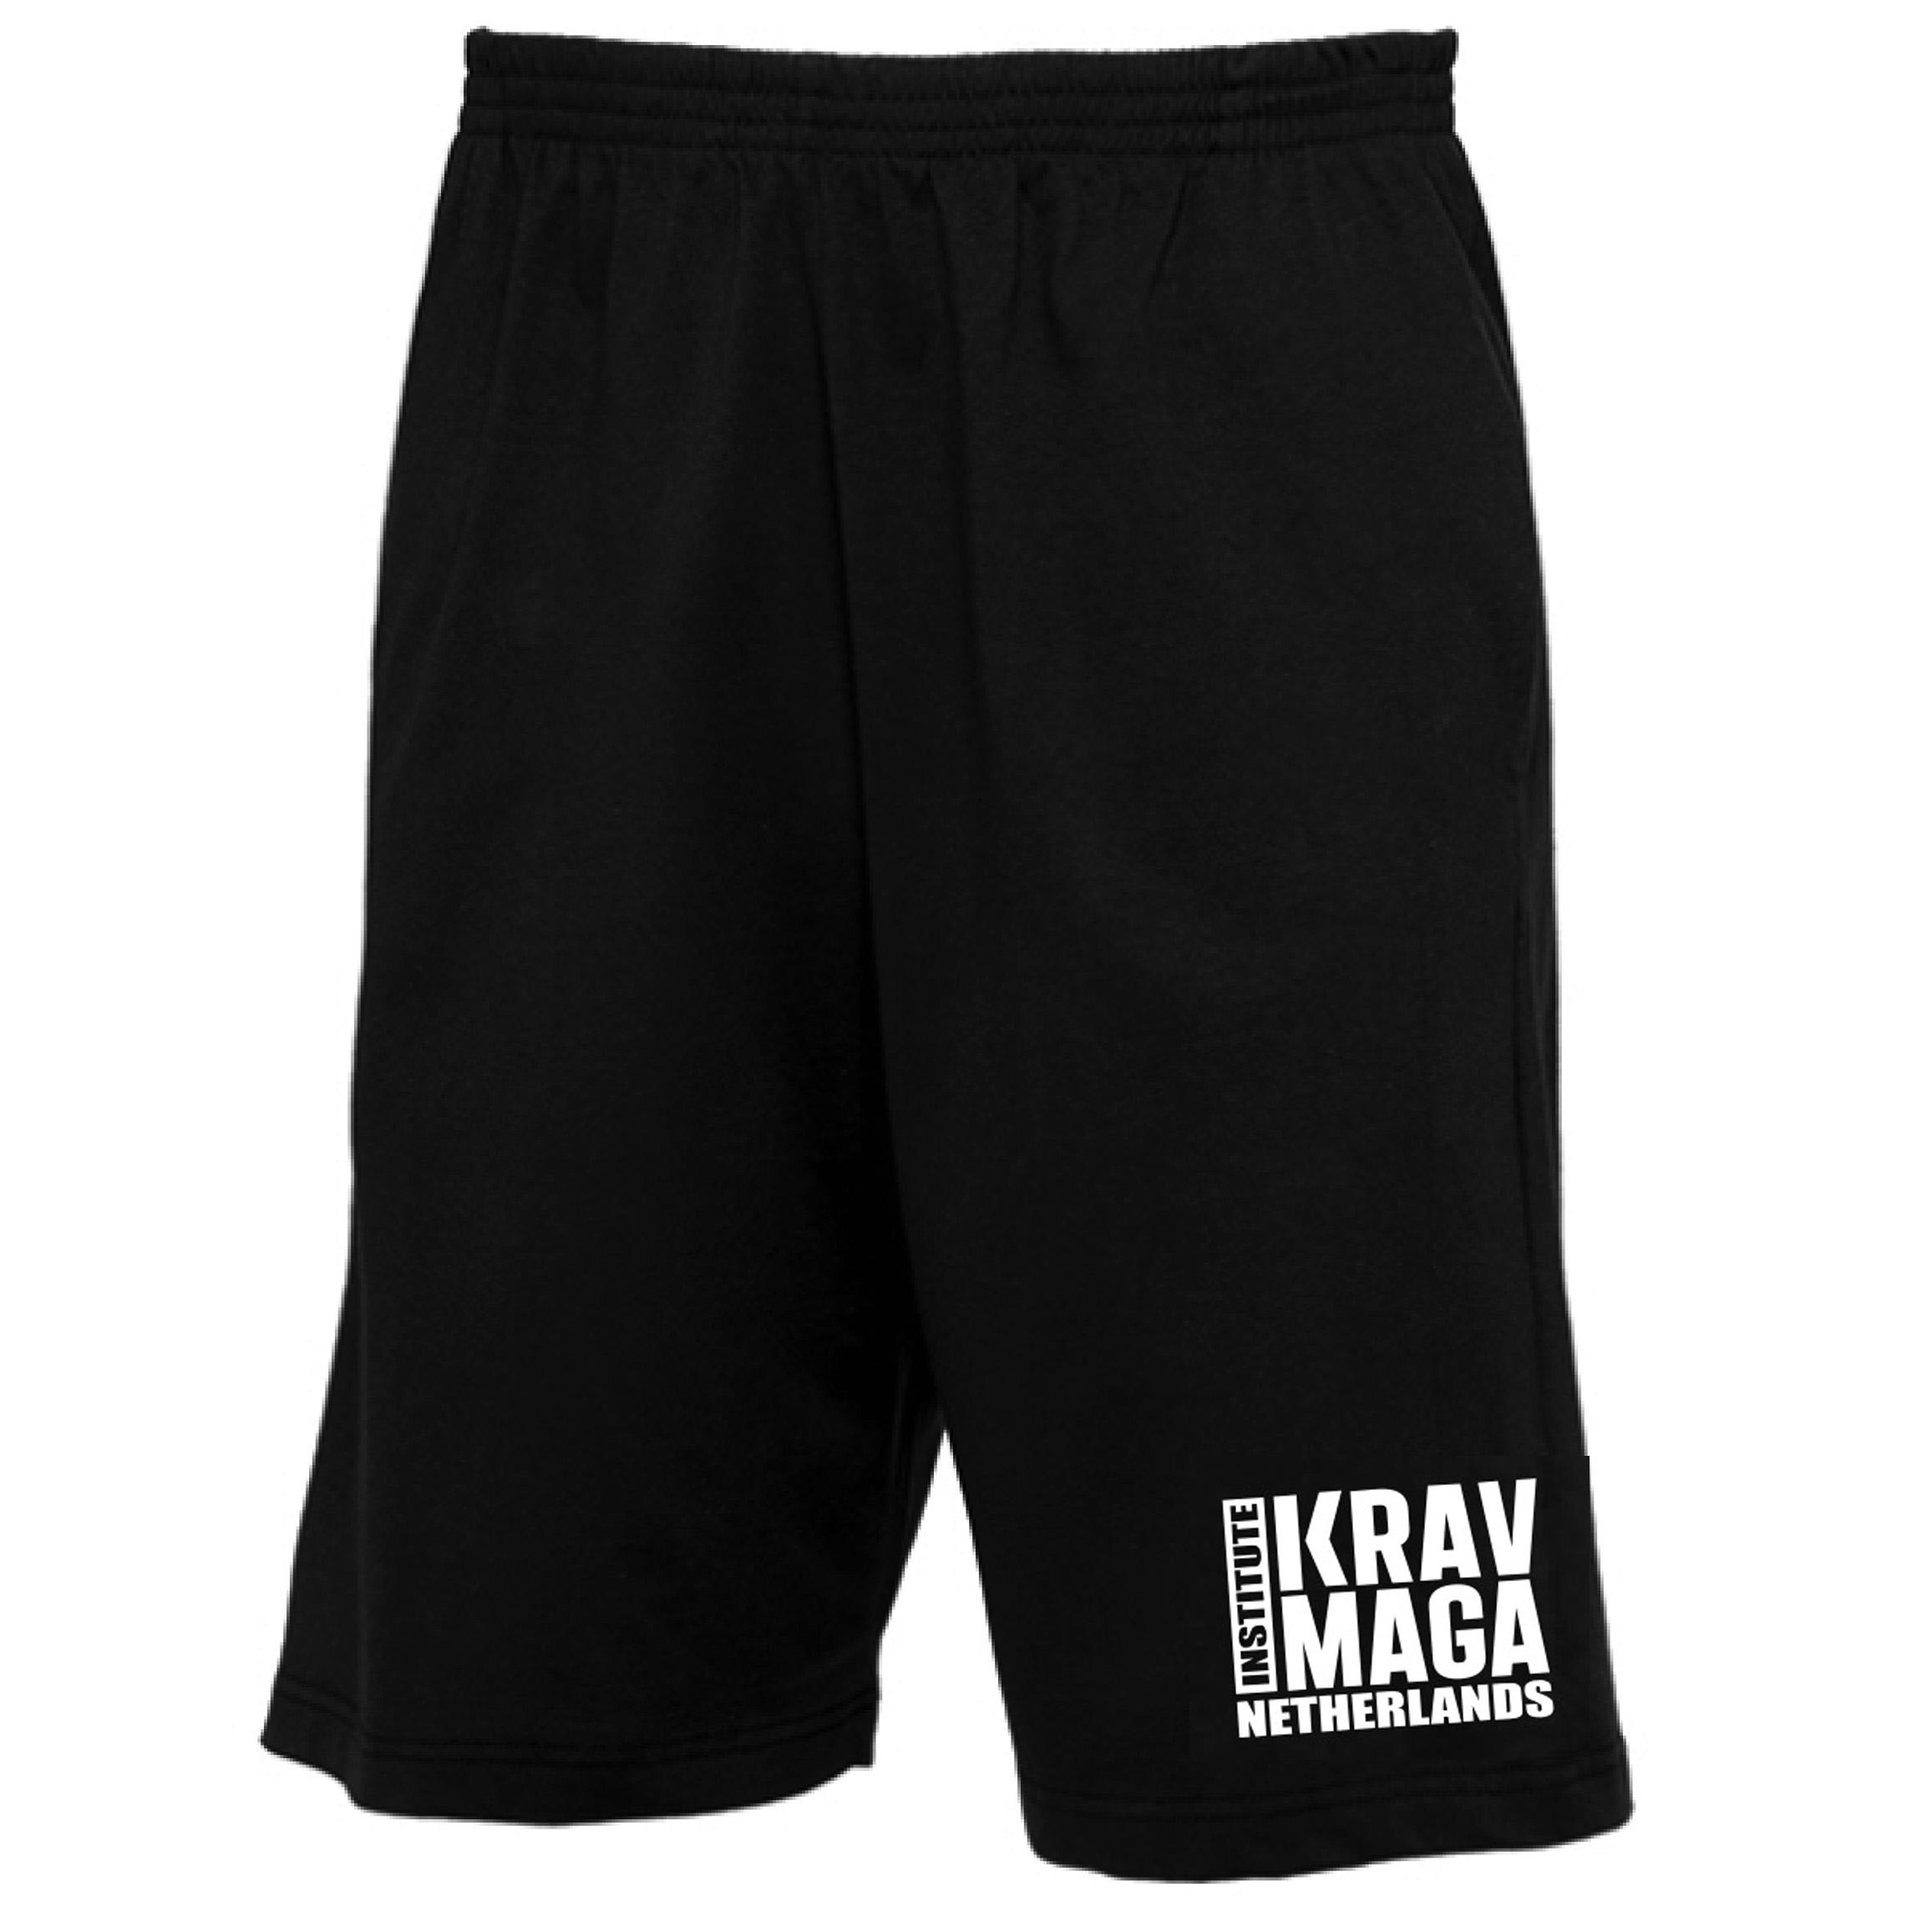 IKMN Krav Maga Shorts